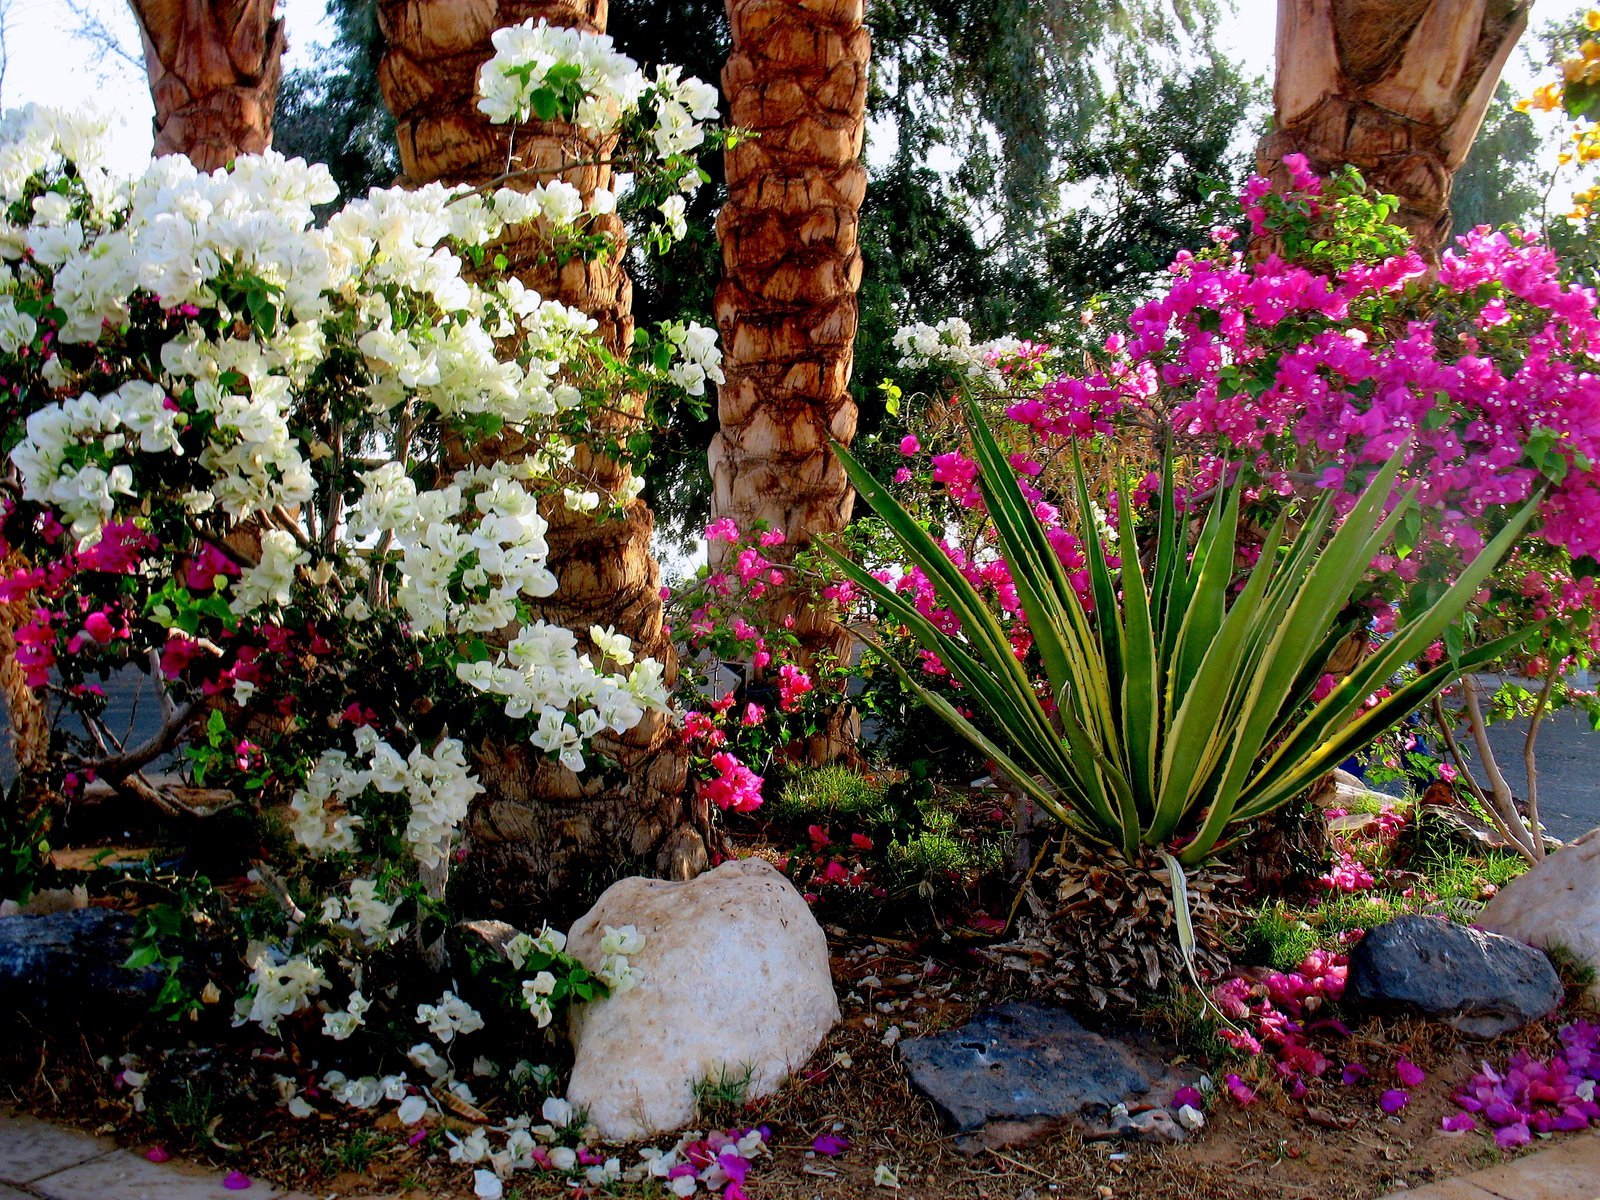 30 mai 2009 paysages et fleurs au fil de l 39 eau for Jardin de fleurs a visiter